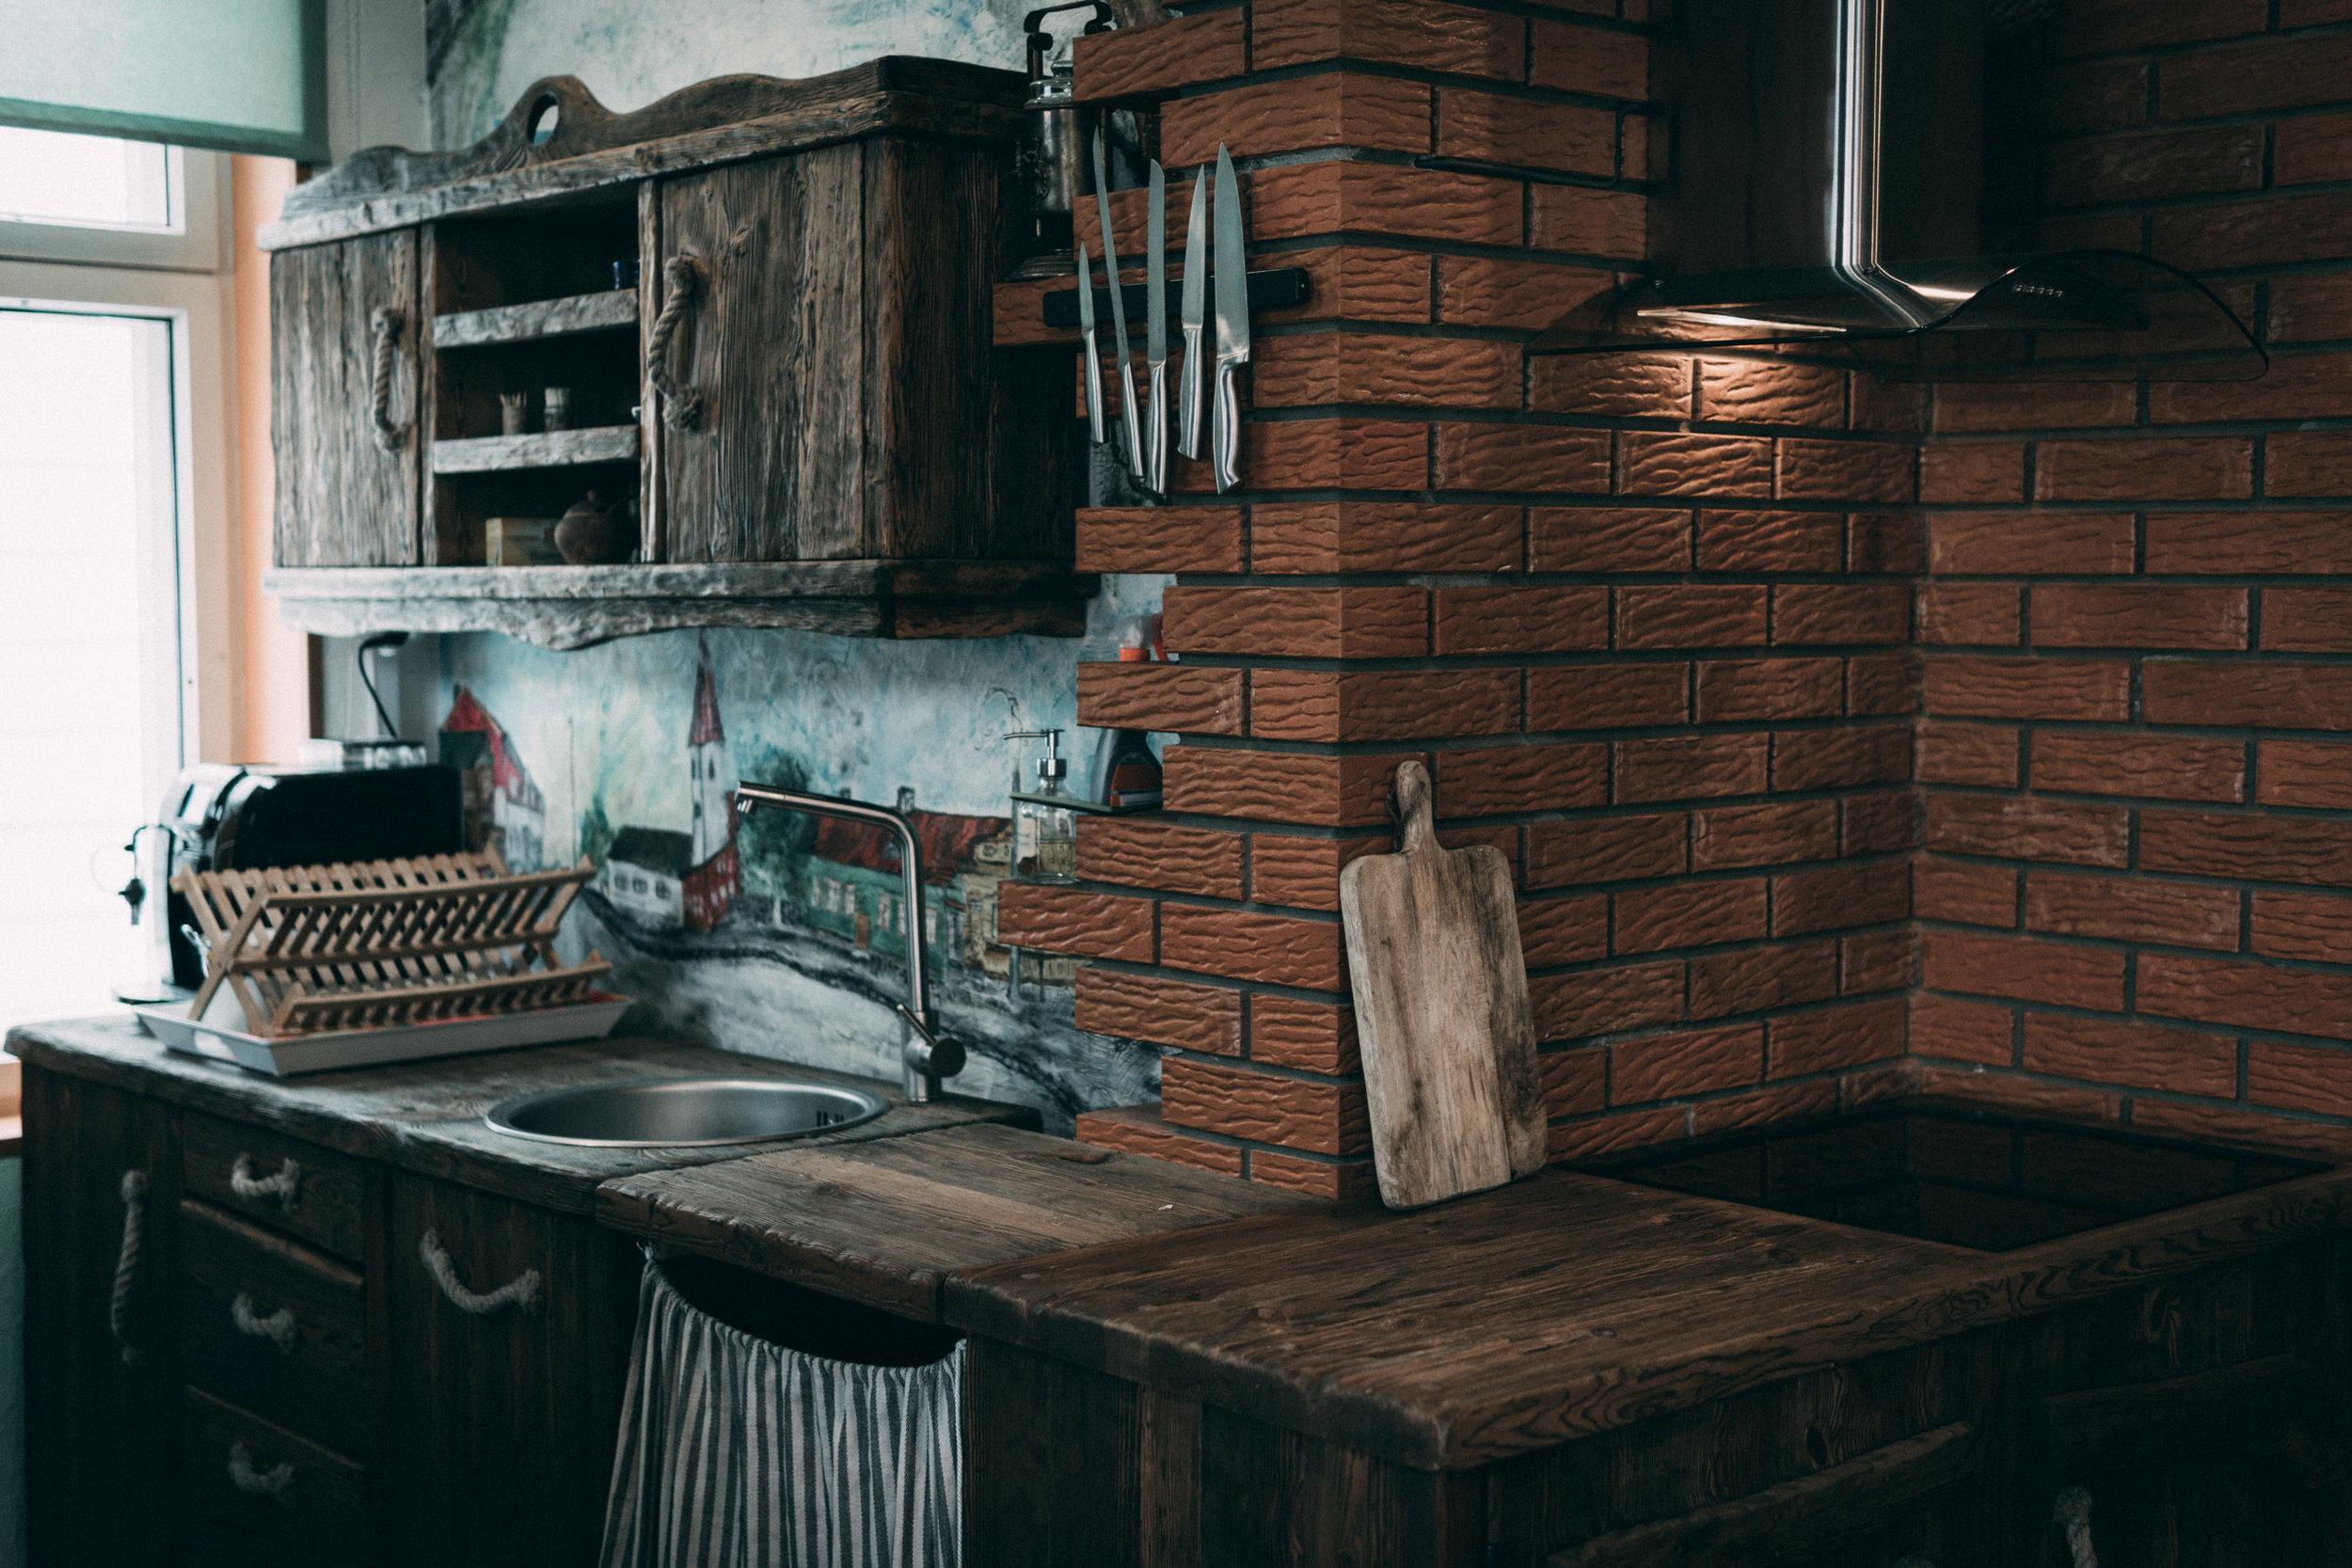 RWood-köögimööbel-kapp-handmade-wood-kitchen-furniture-vanutatud-vana-puit.jpg